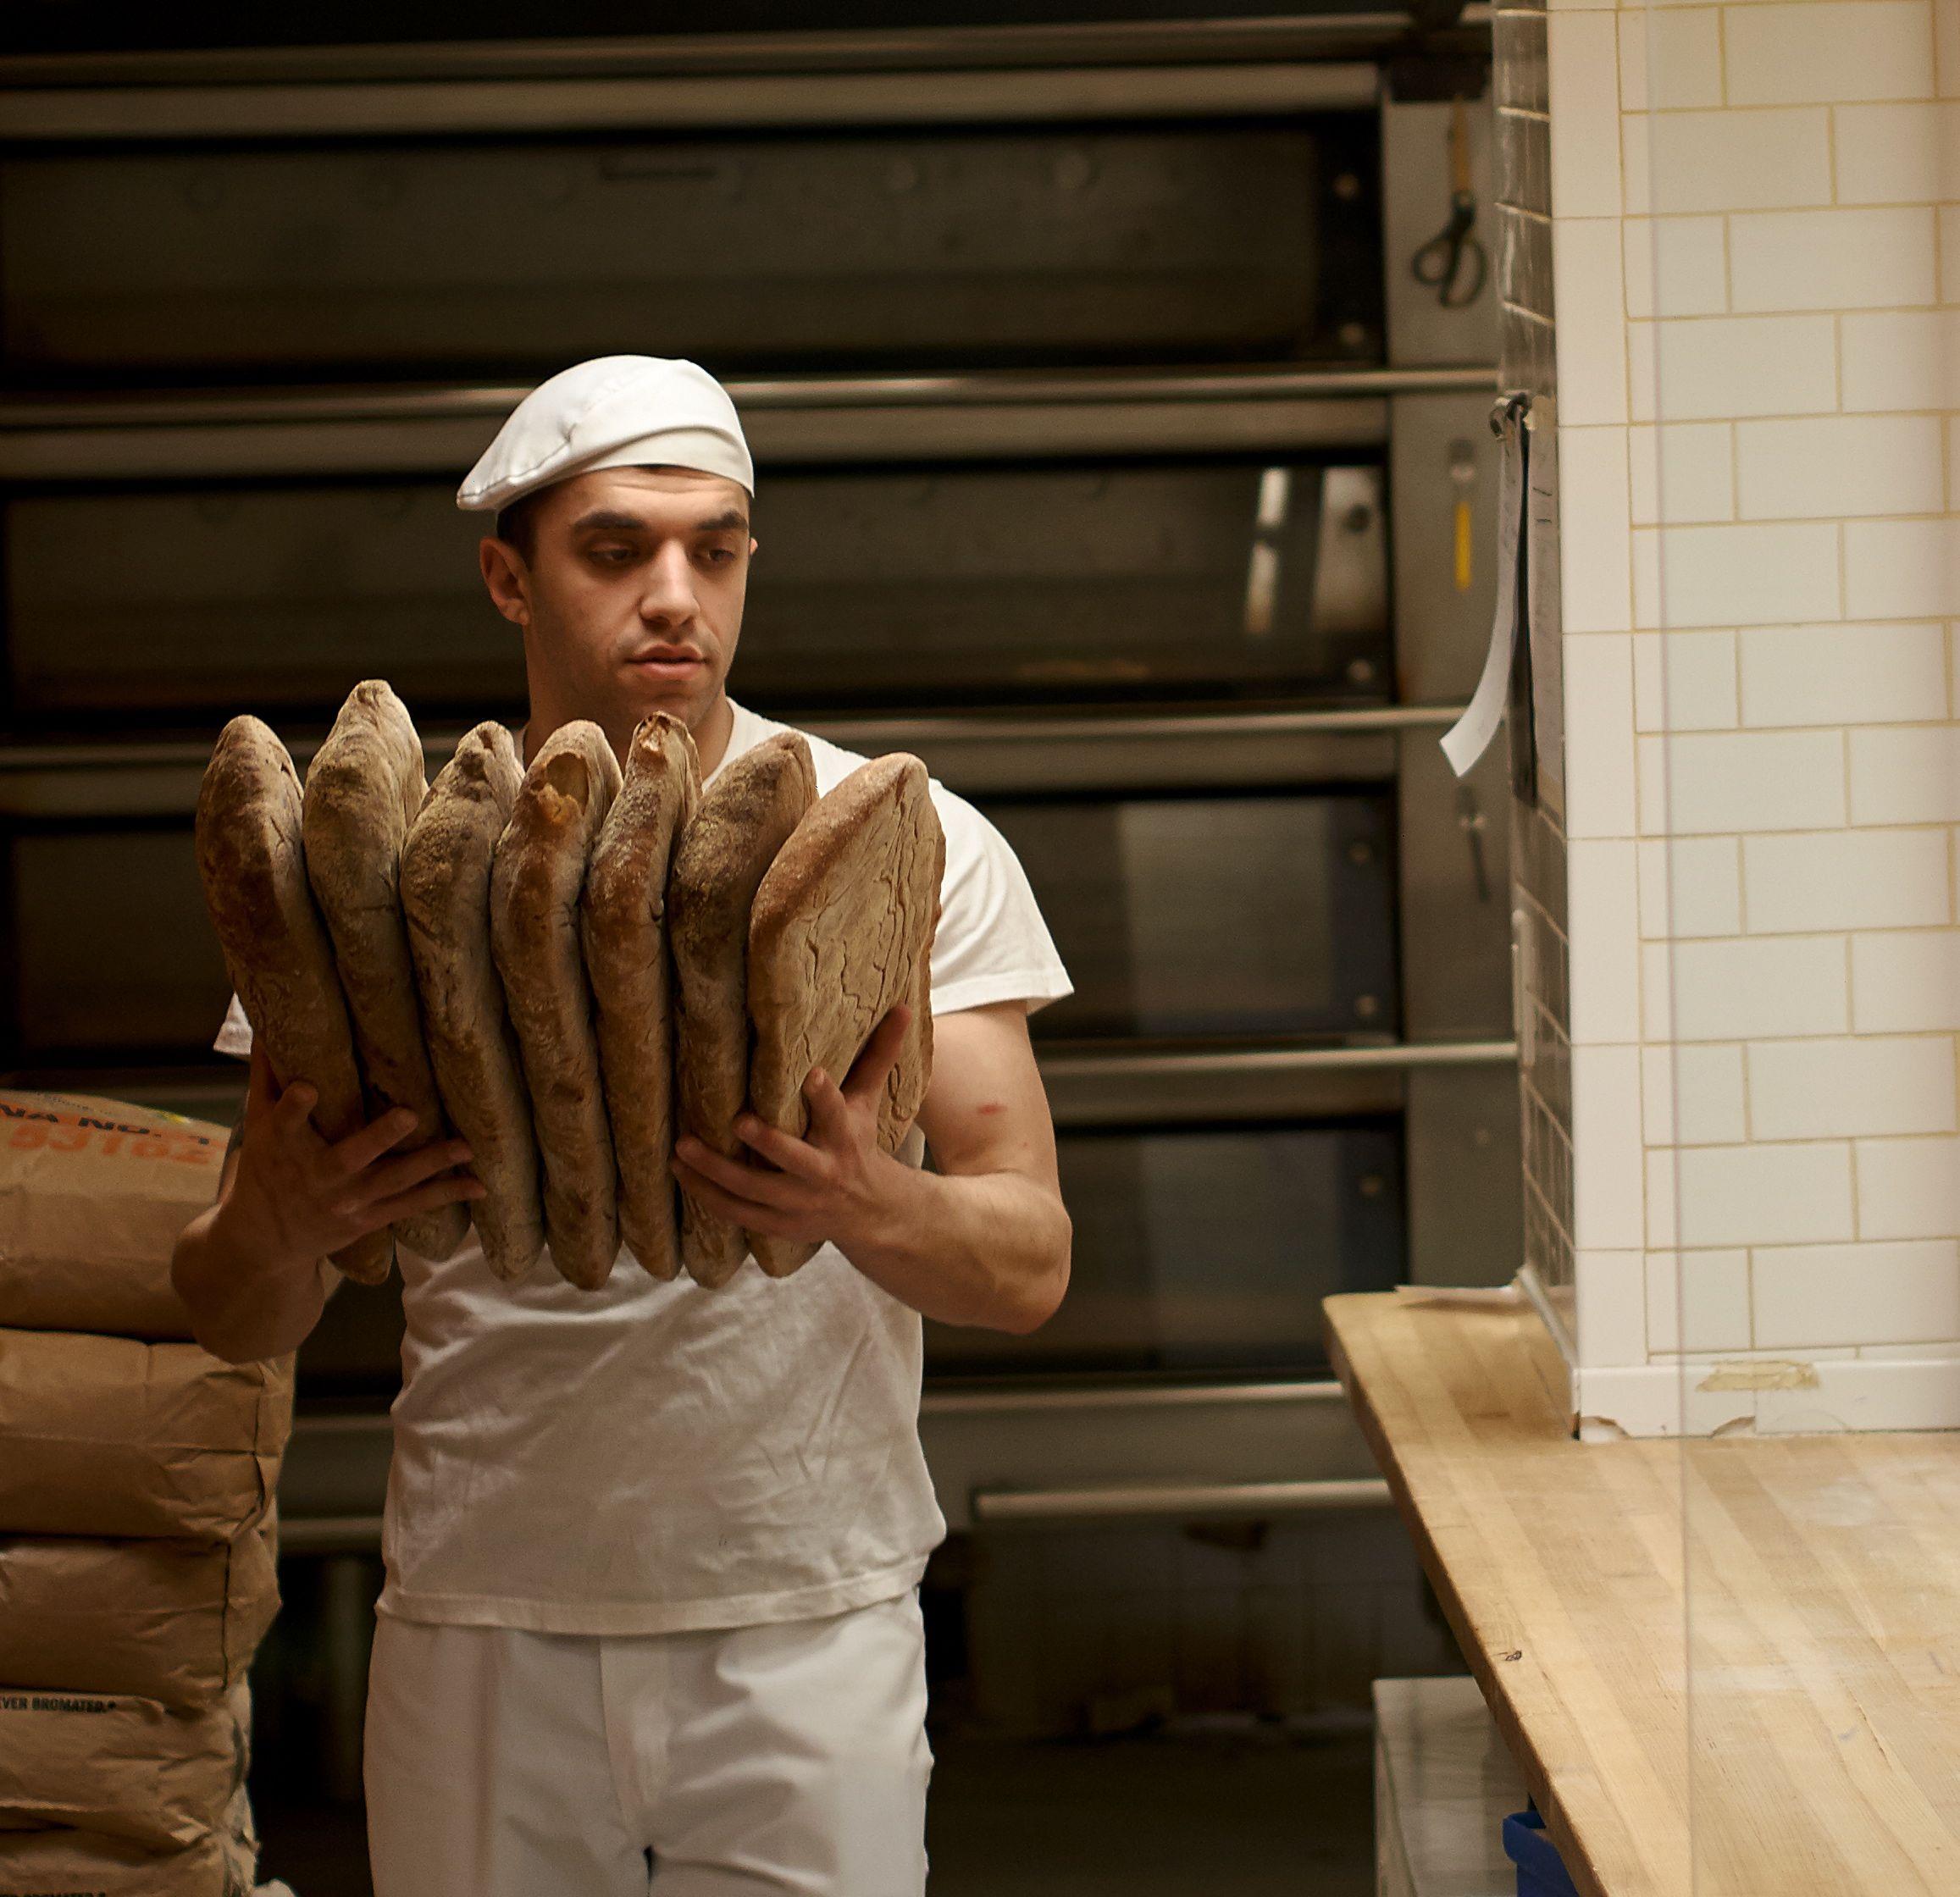 Picture Perfect Bread